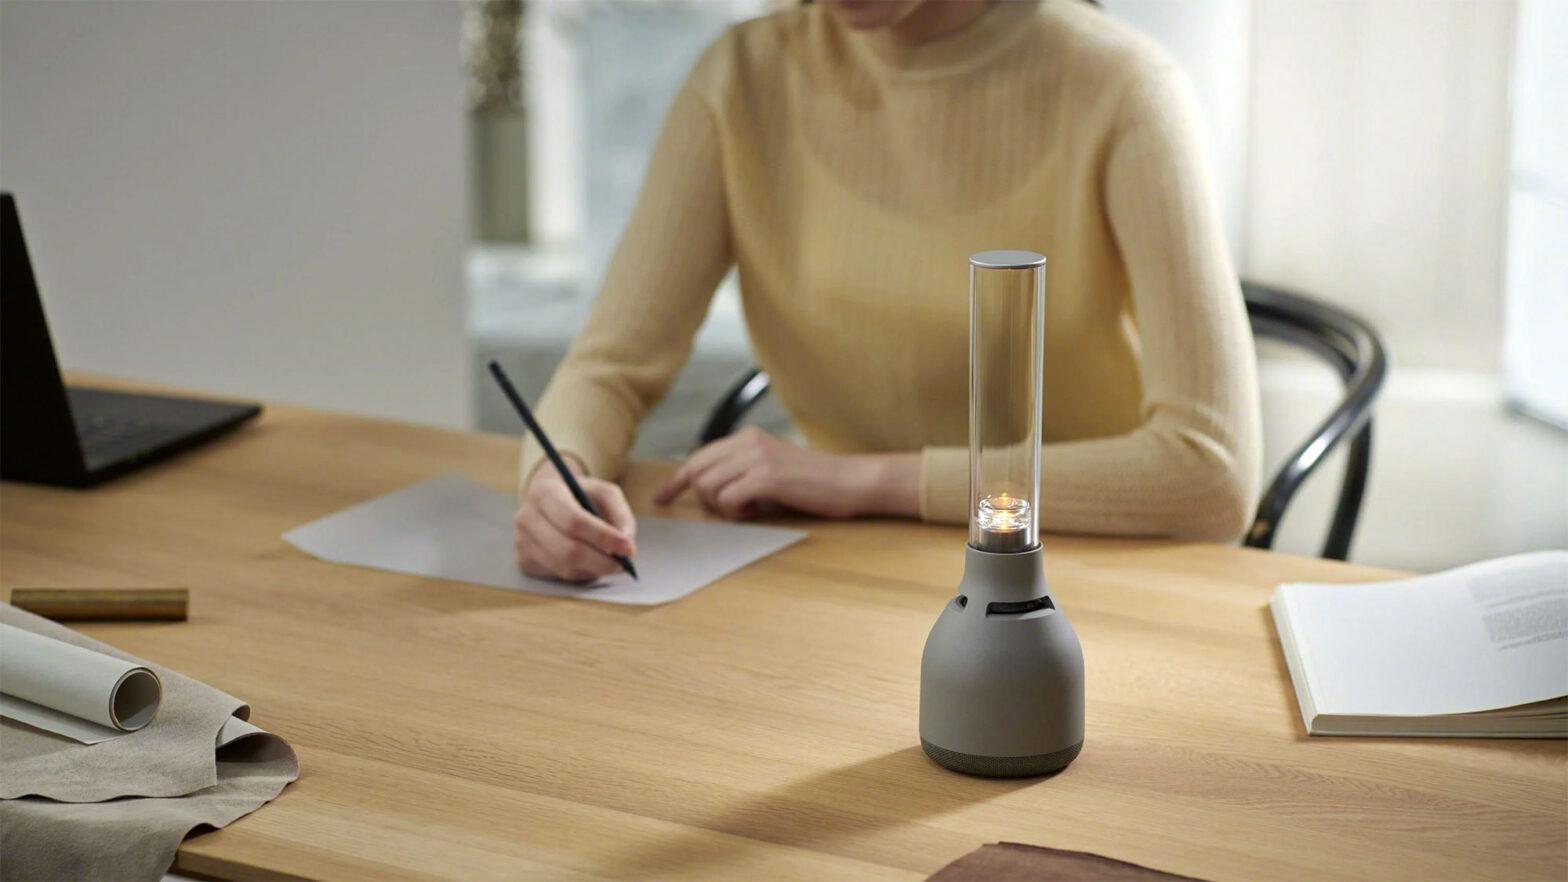 Sony LSPX-S3 Glass Sound Speaker